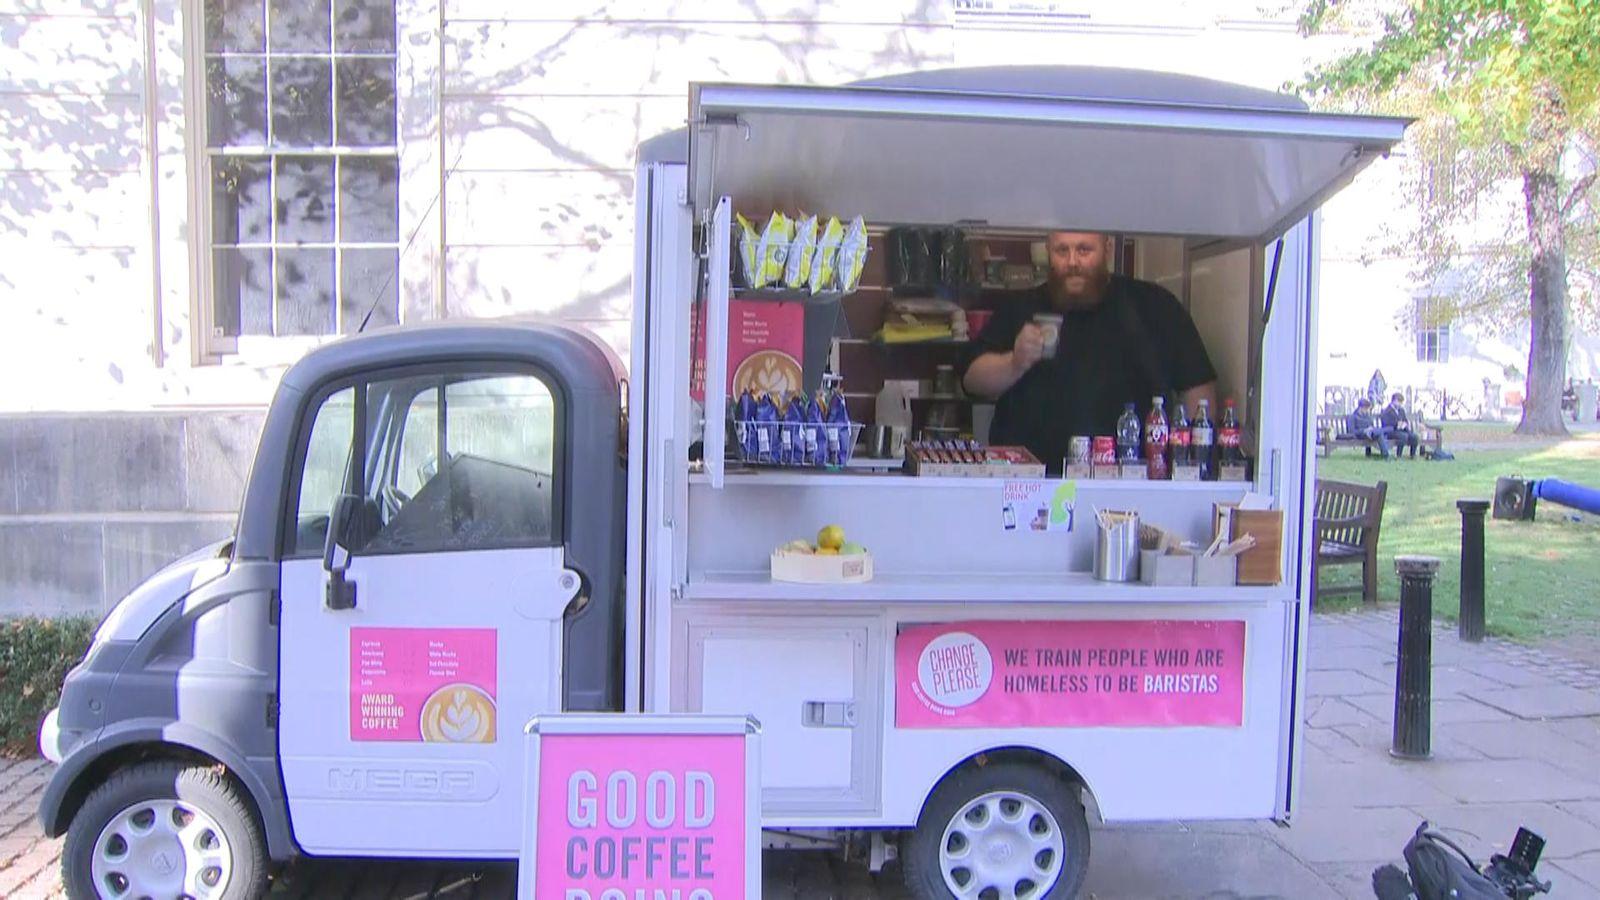 如何购买咖啡有助于让无家可归的人离开街头